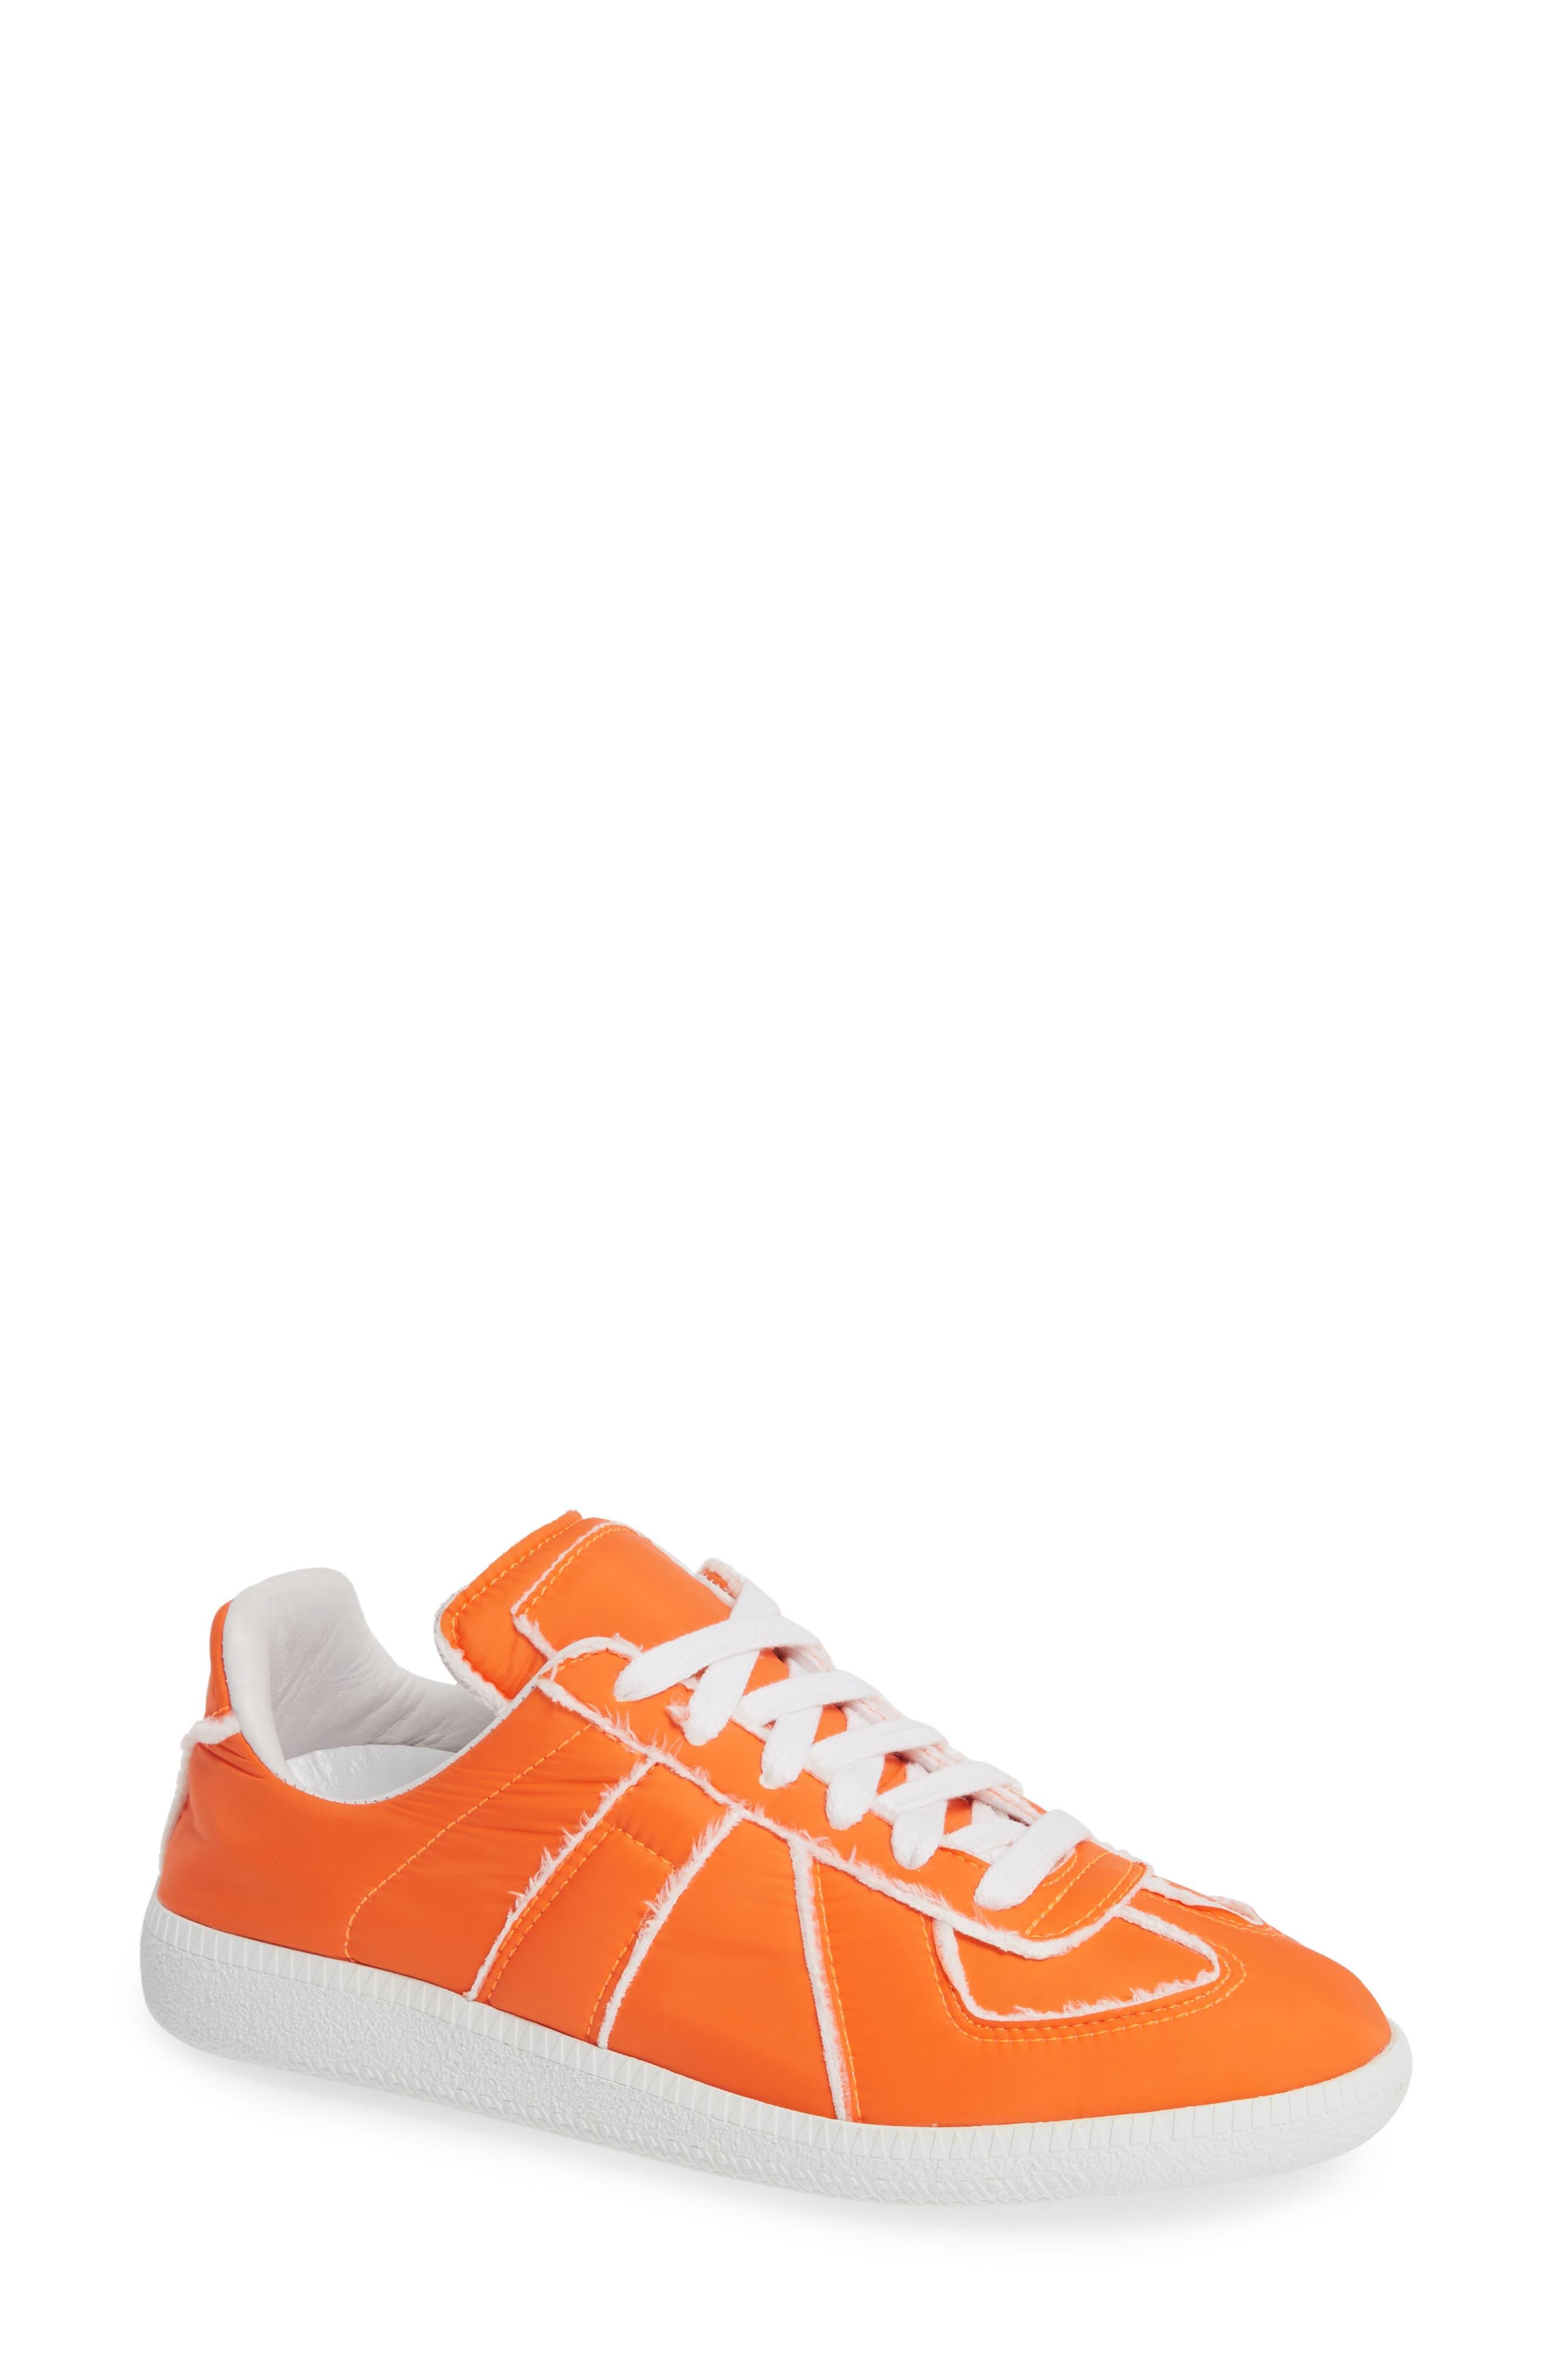 MAISON MARGIELA, Replica Lace-Up Sneaker, Main thumbnail 1, color, VERMILLION ORANGE